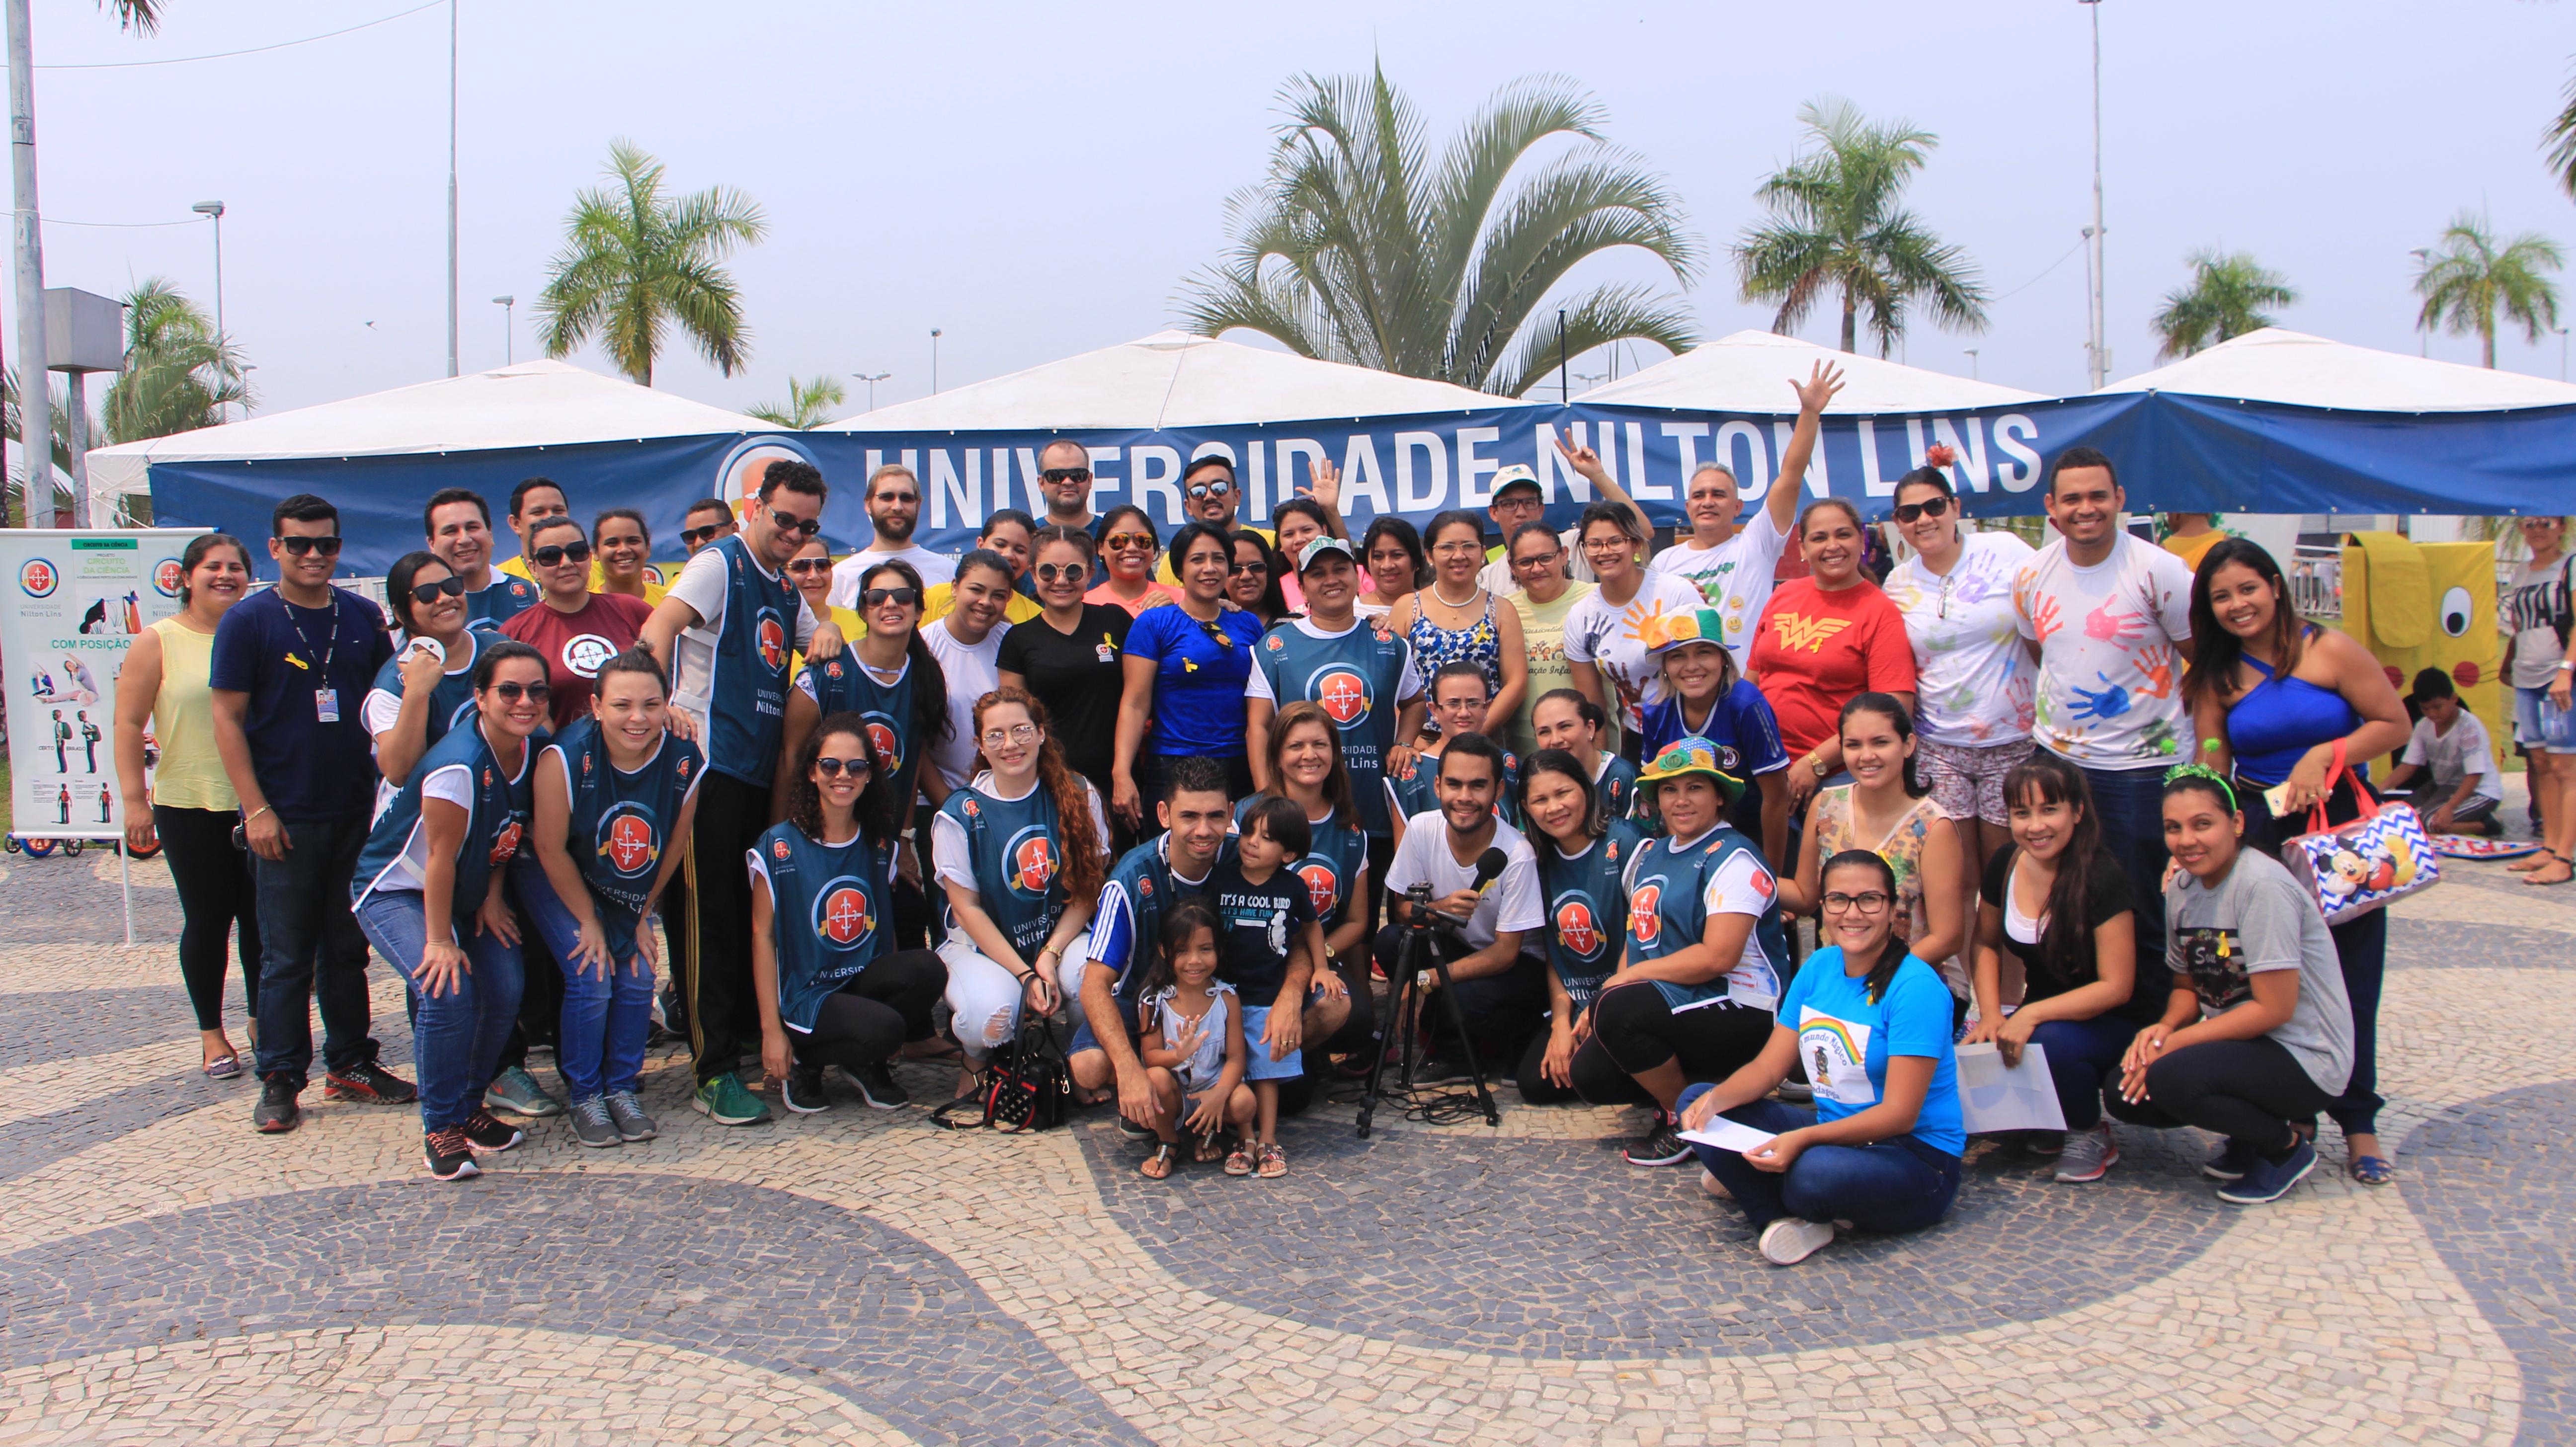 Universidade Nilton Lins promove ação social na Ponta Negra